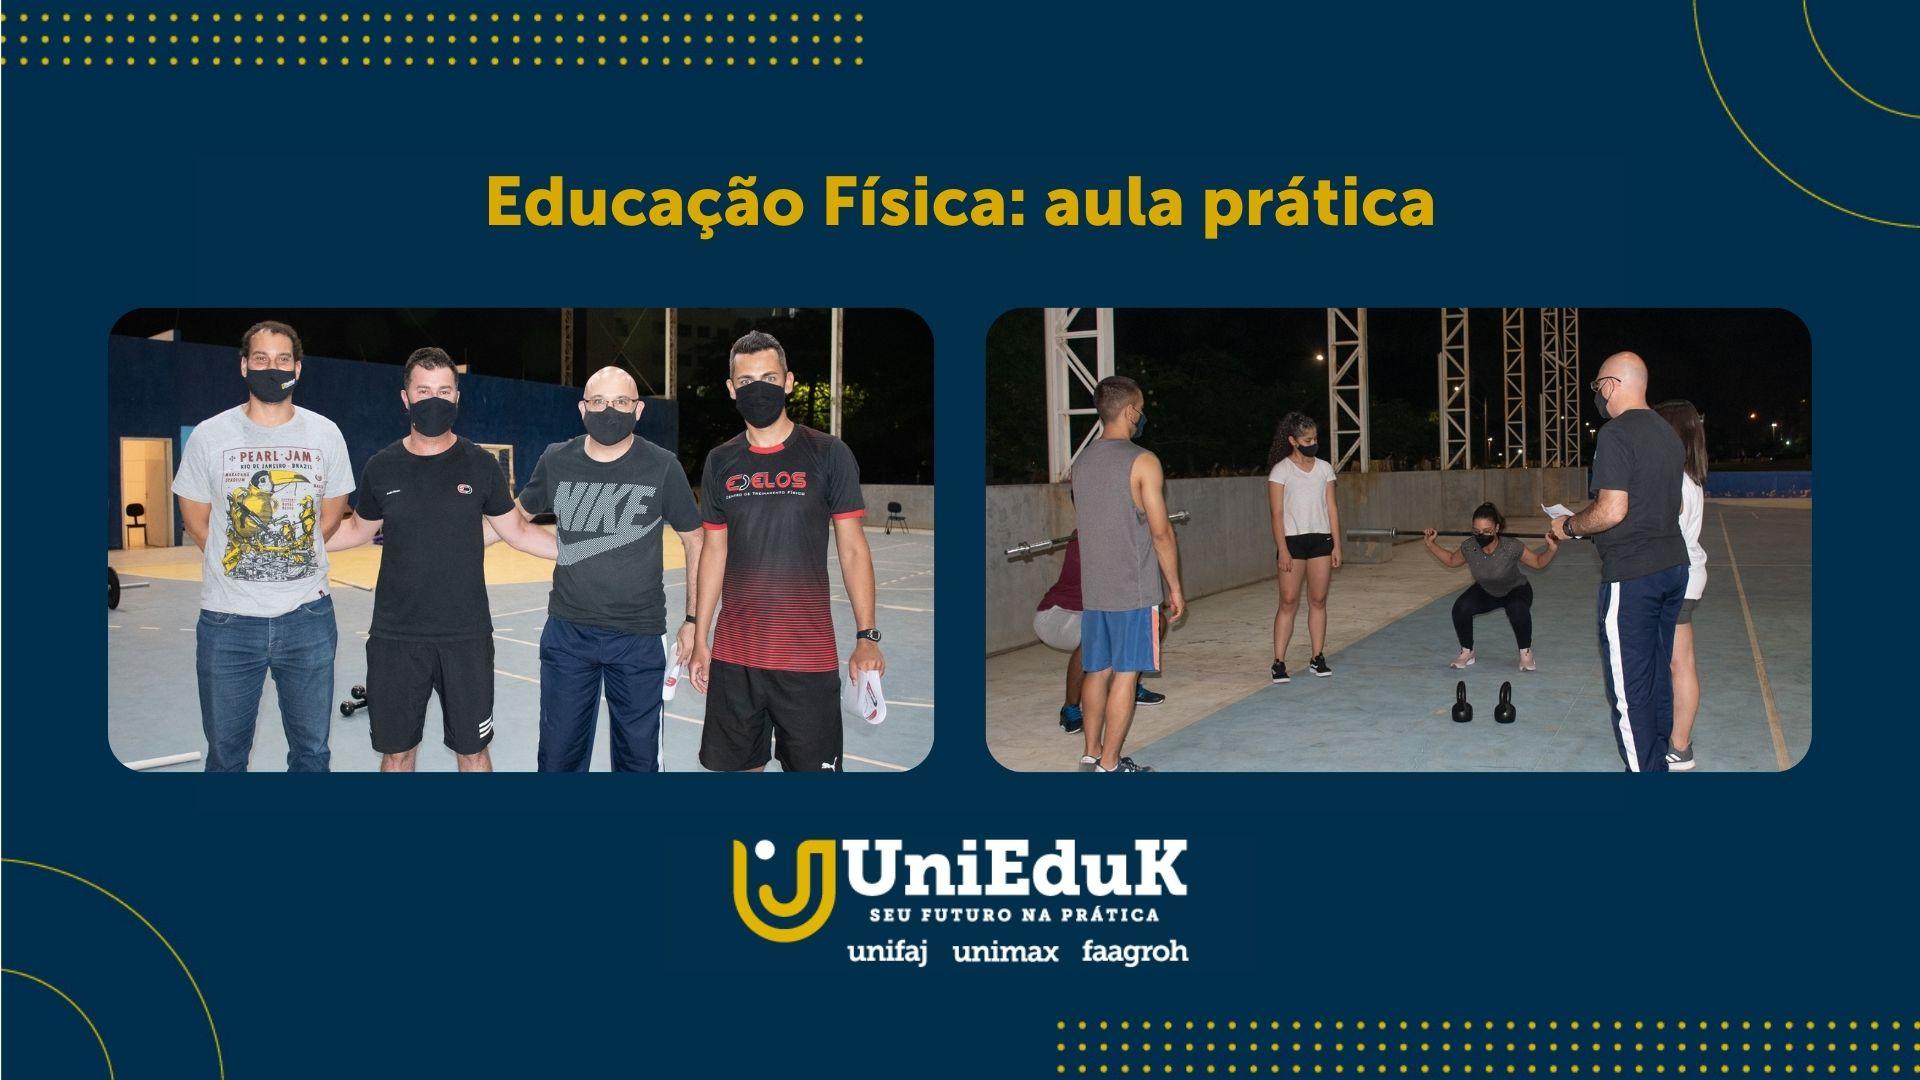 A imagem traz fotos da aula prática de Educação Física, com os responsáveis e uma aluna demonstrando um exercício com peso.